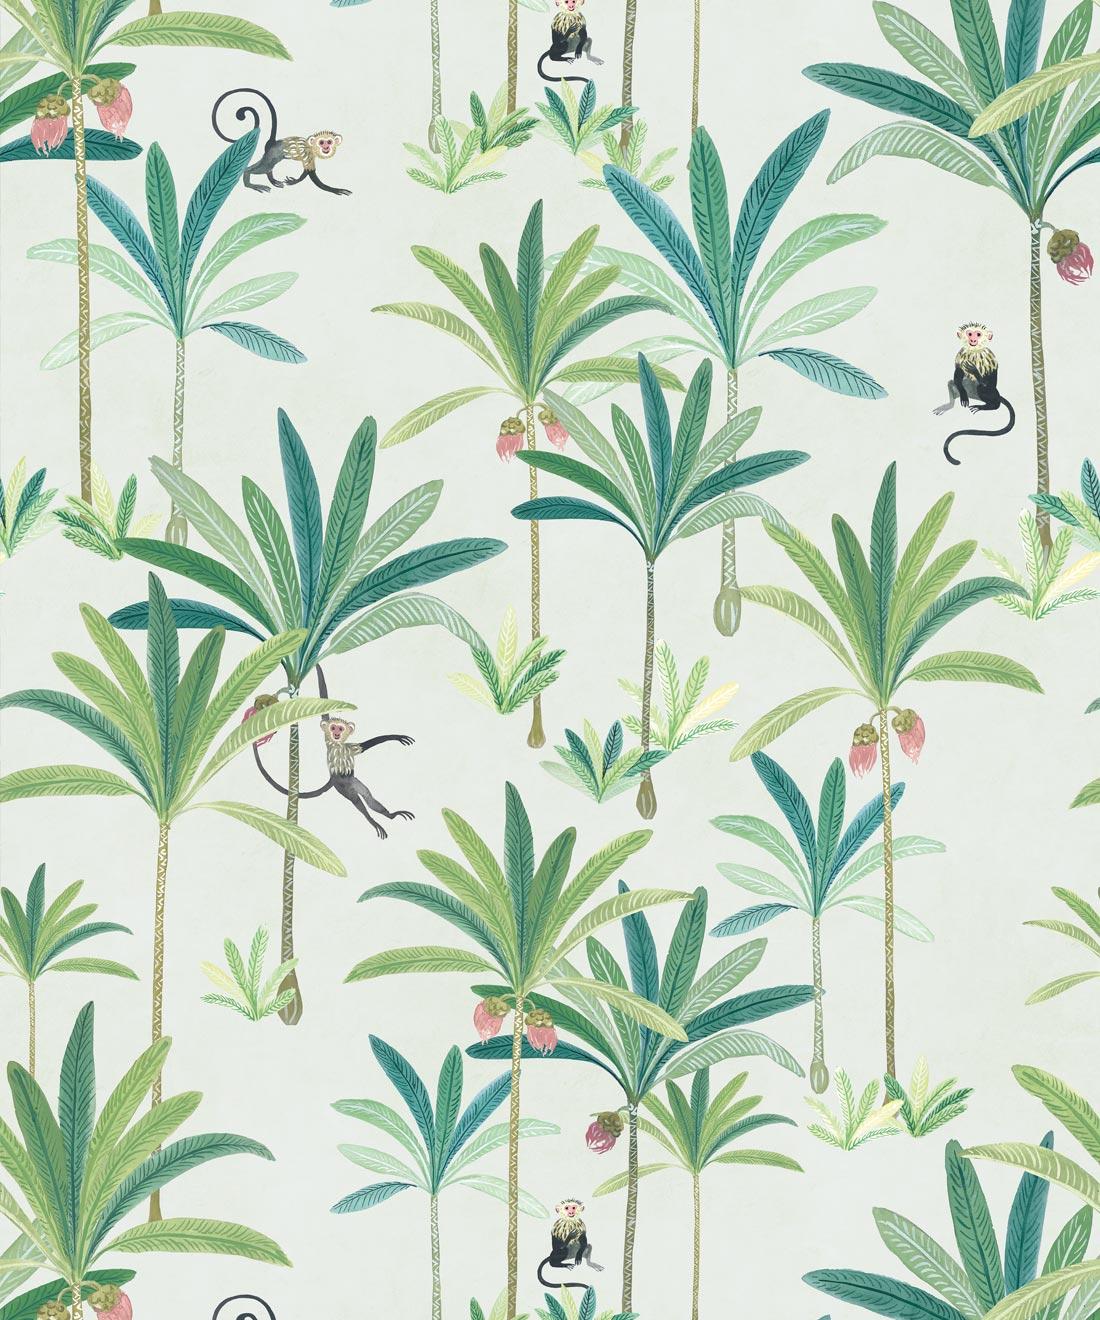 Monkey Palms Wallpaper